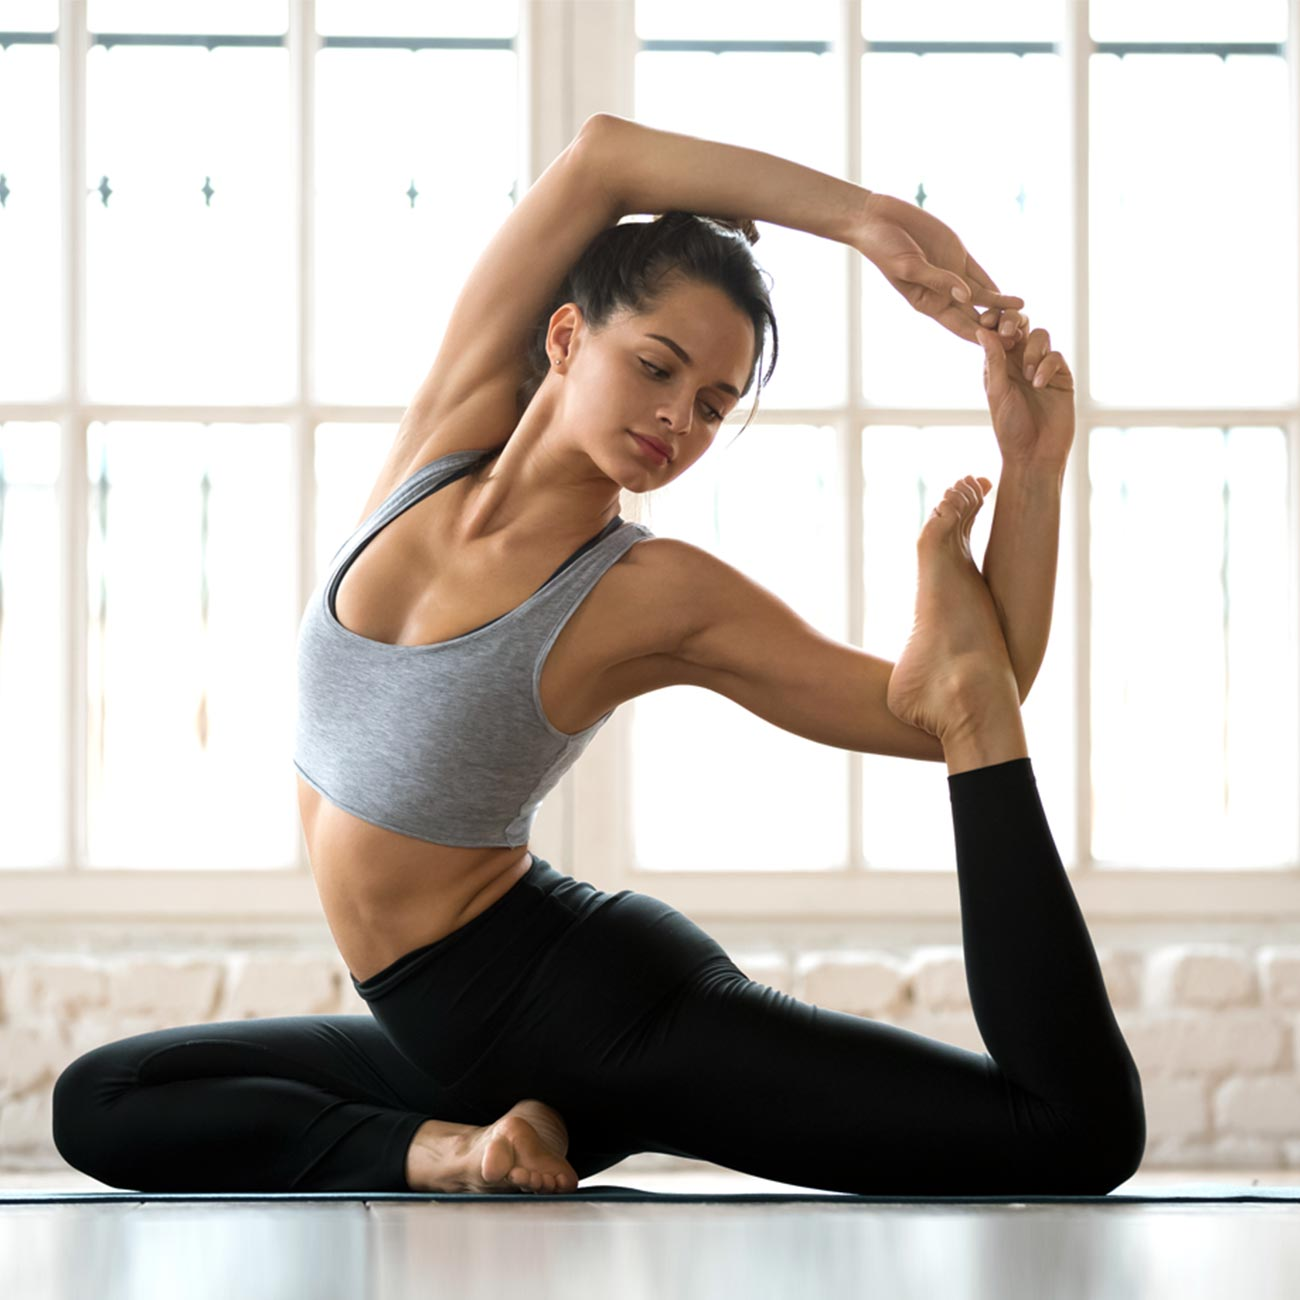 Yoga classes at san diego gym TruSelf Sporting Club